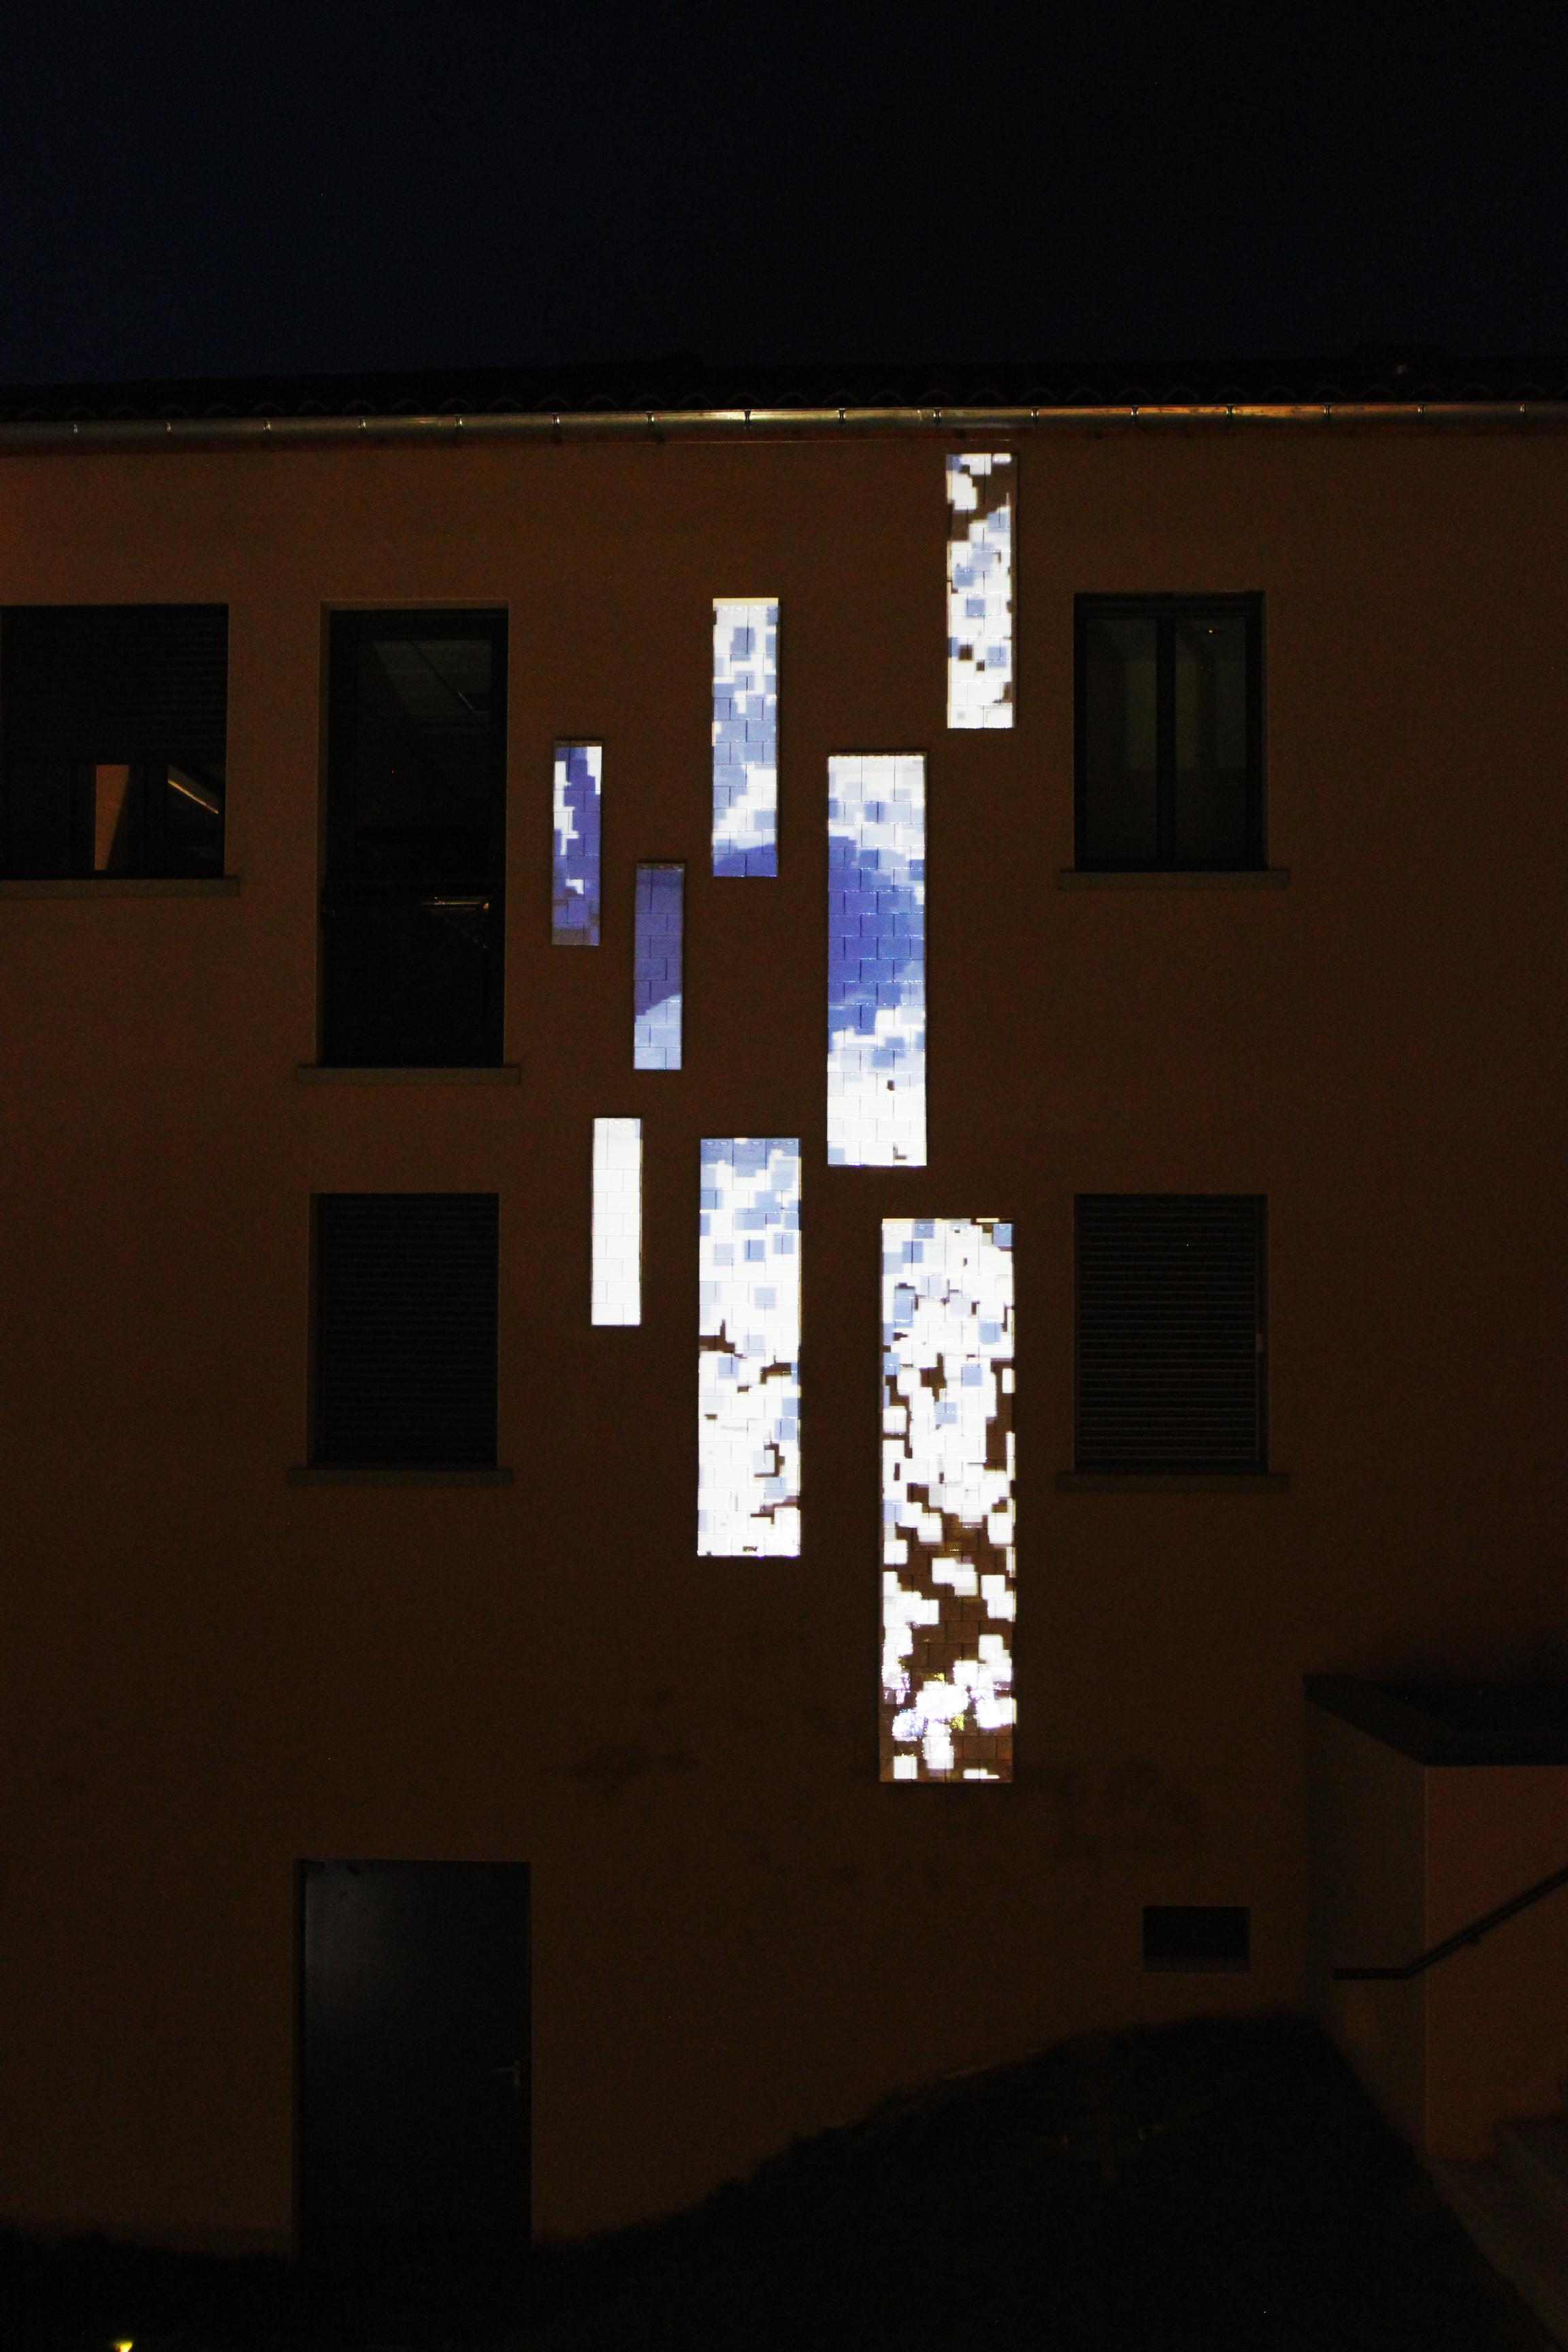 verticales_III_photo_02.JPG